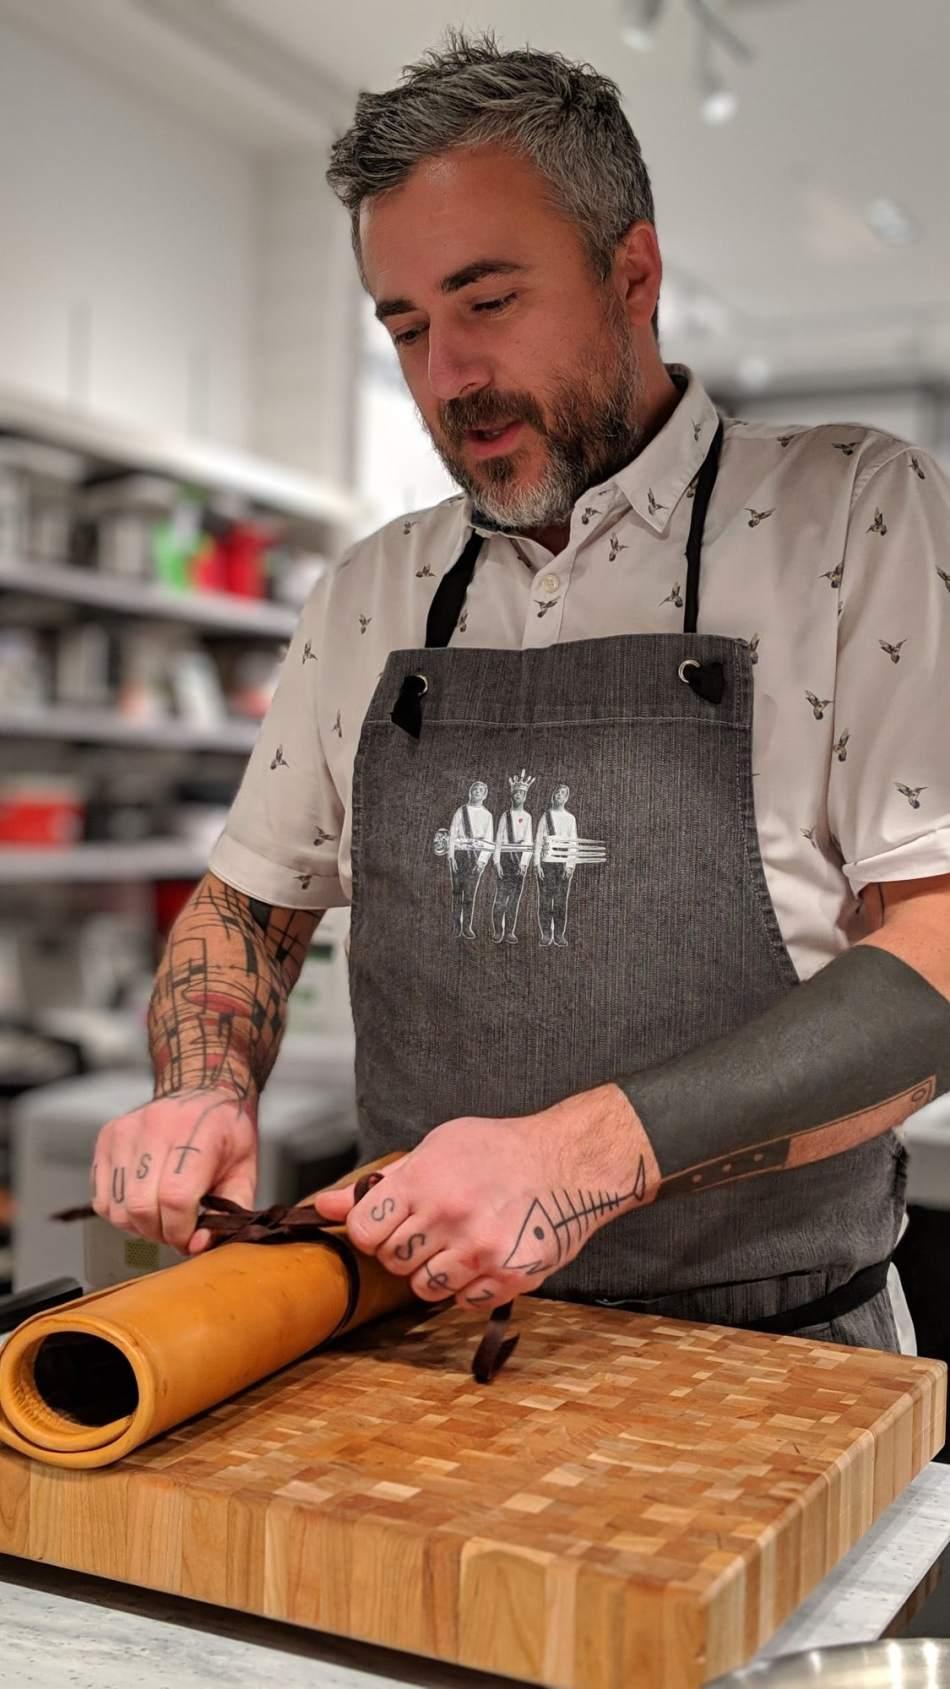 Le chef Martin Juneau du Pastaga Boutique s'apprête à faire l'atelier dans l'espace La Cuisine Rockland